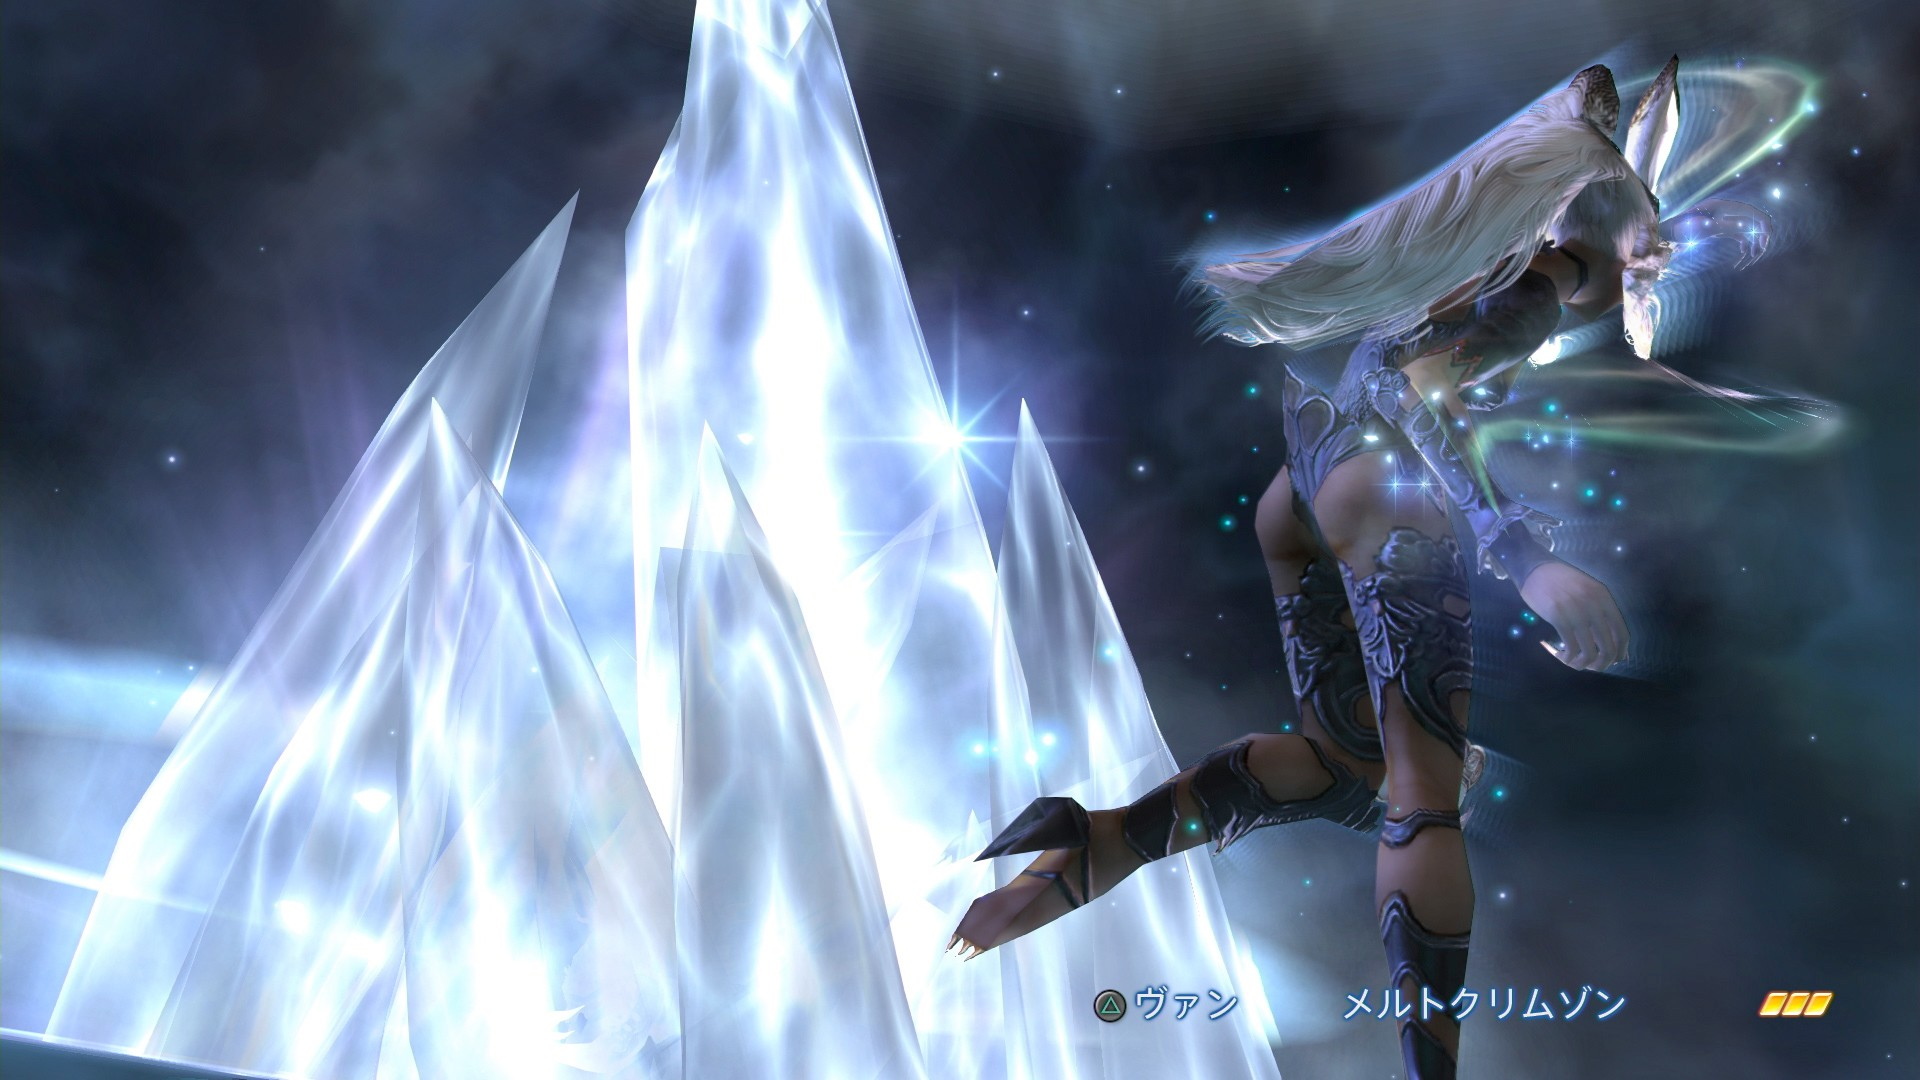 Lov, klany a nepřátelé z Final Fantasy XII: The Zodiac Age na screenshotech 146293